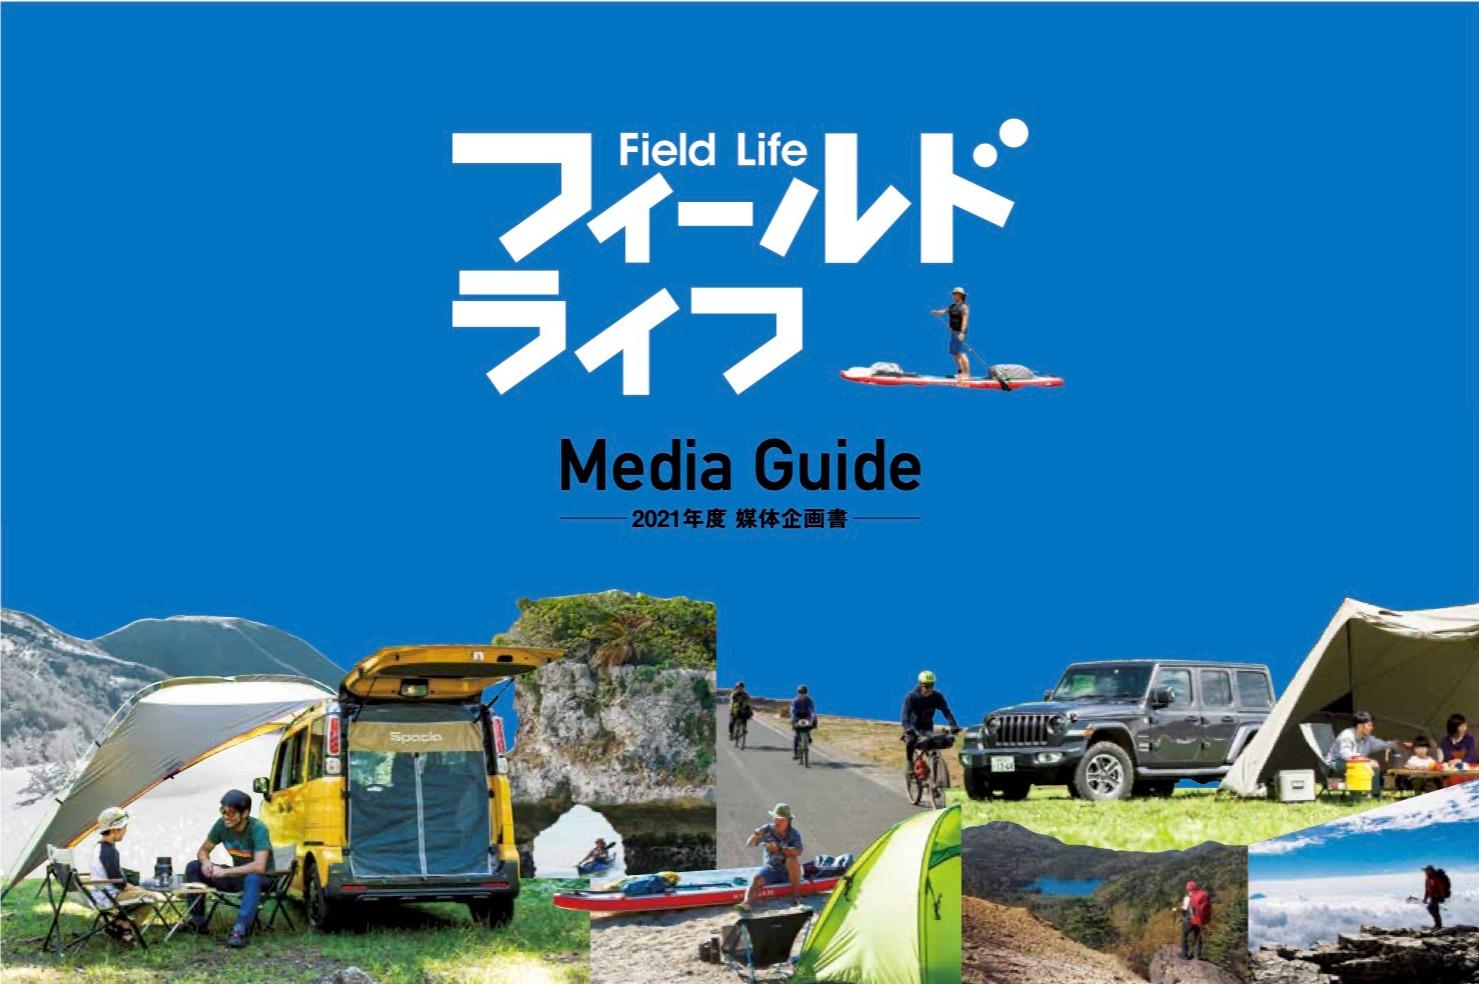 FieldLife_MediaGuide2021